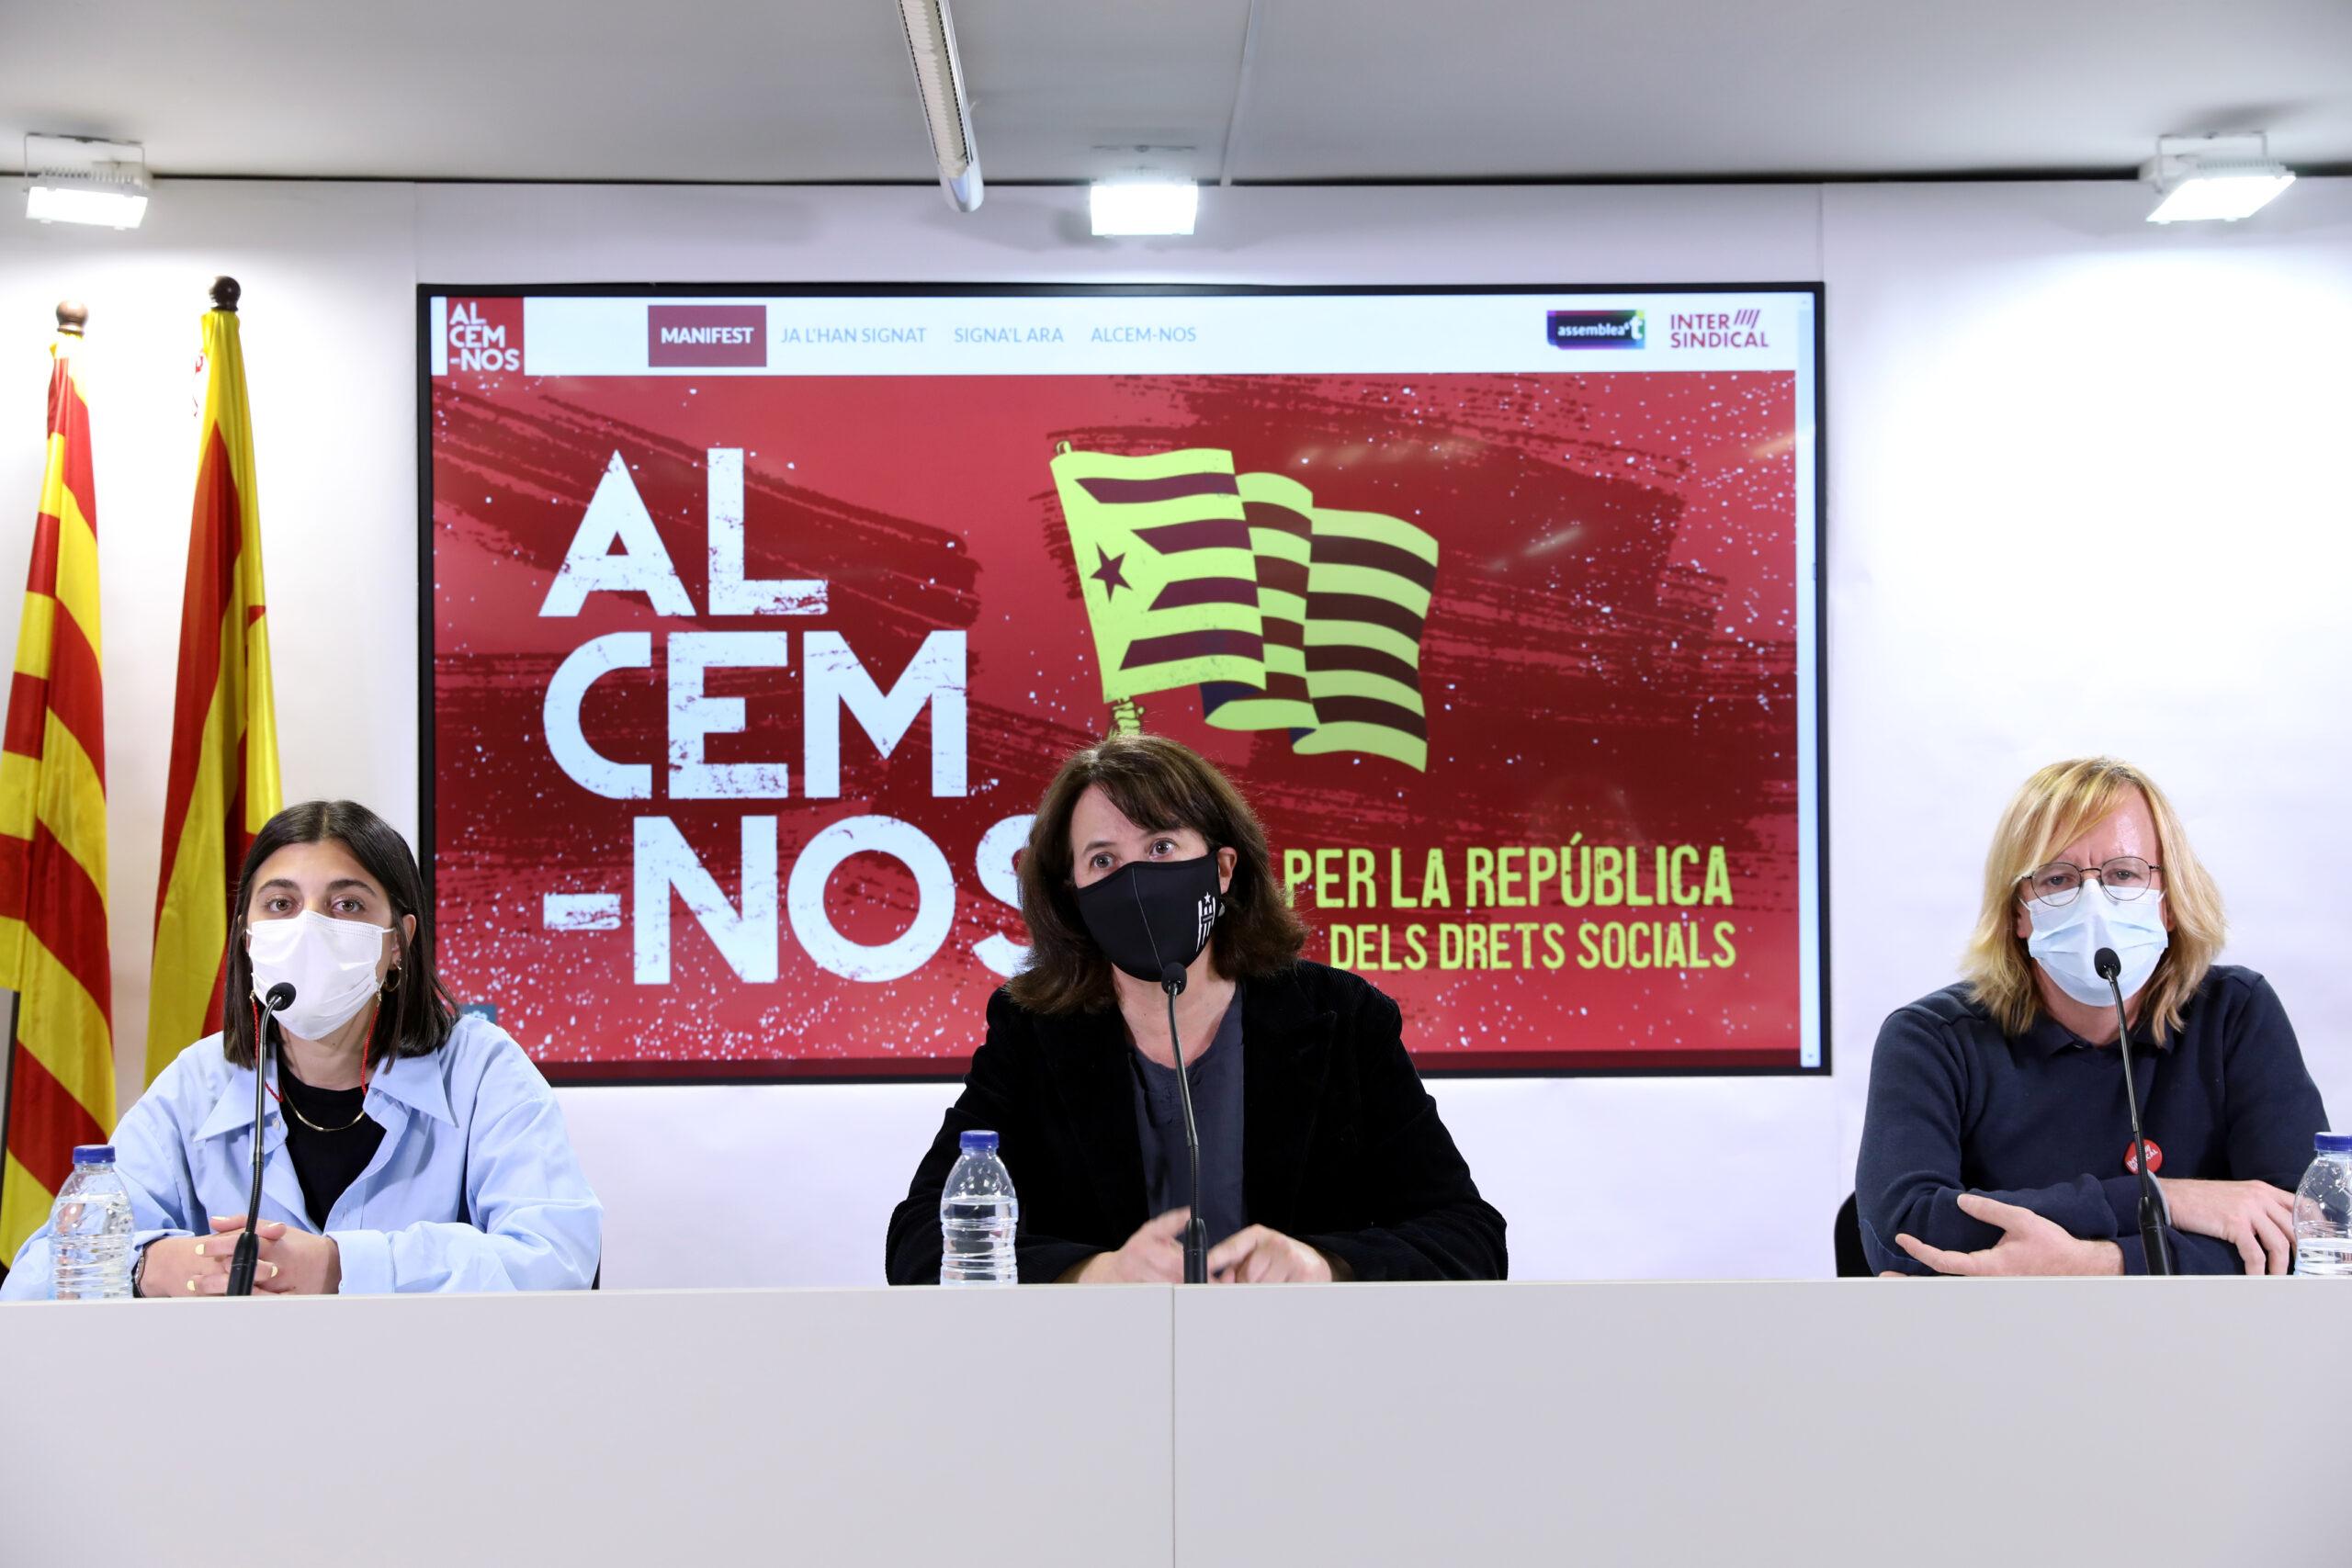 La presidenta de l'ANC, Elisenda Paluzie, i el secretari general de la Intersidincal, Sergi Perelló, en roda de premsa per presentar la campanya 'Alcem-nos'   ACN